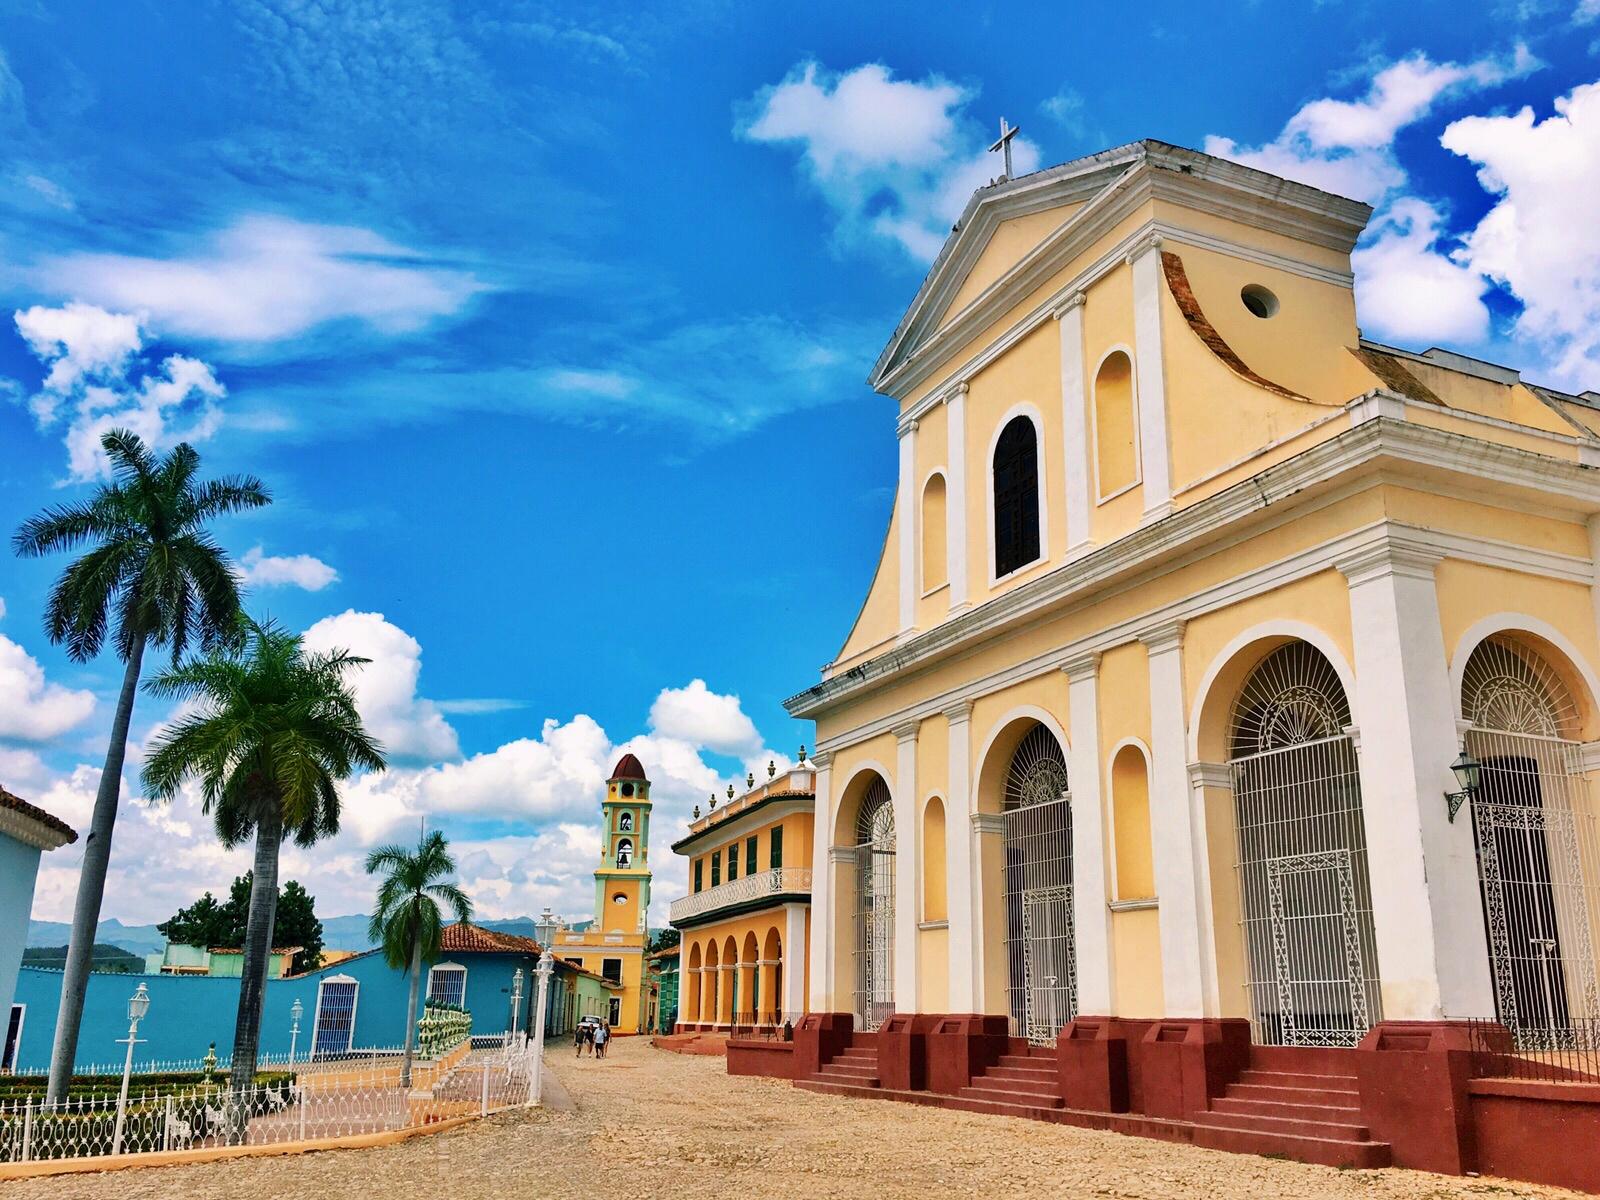 A building in Trinidad, Cuba